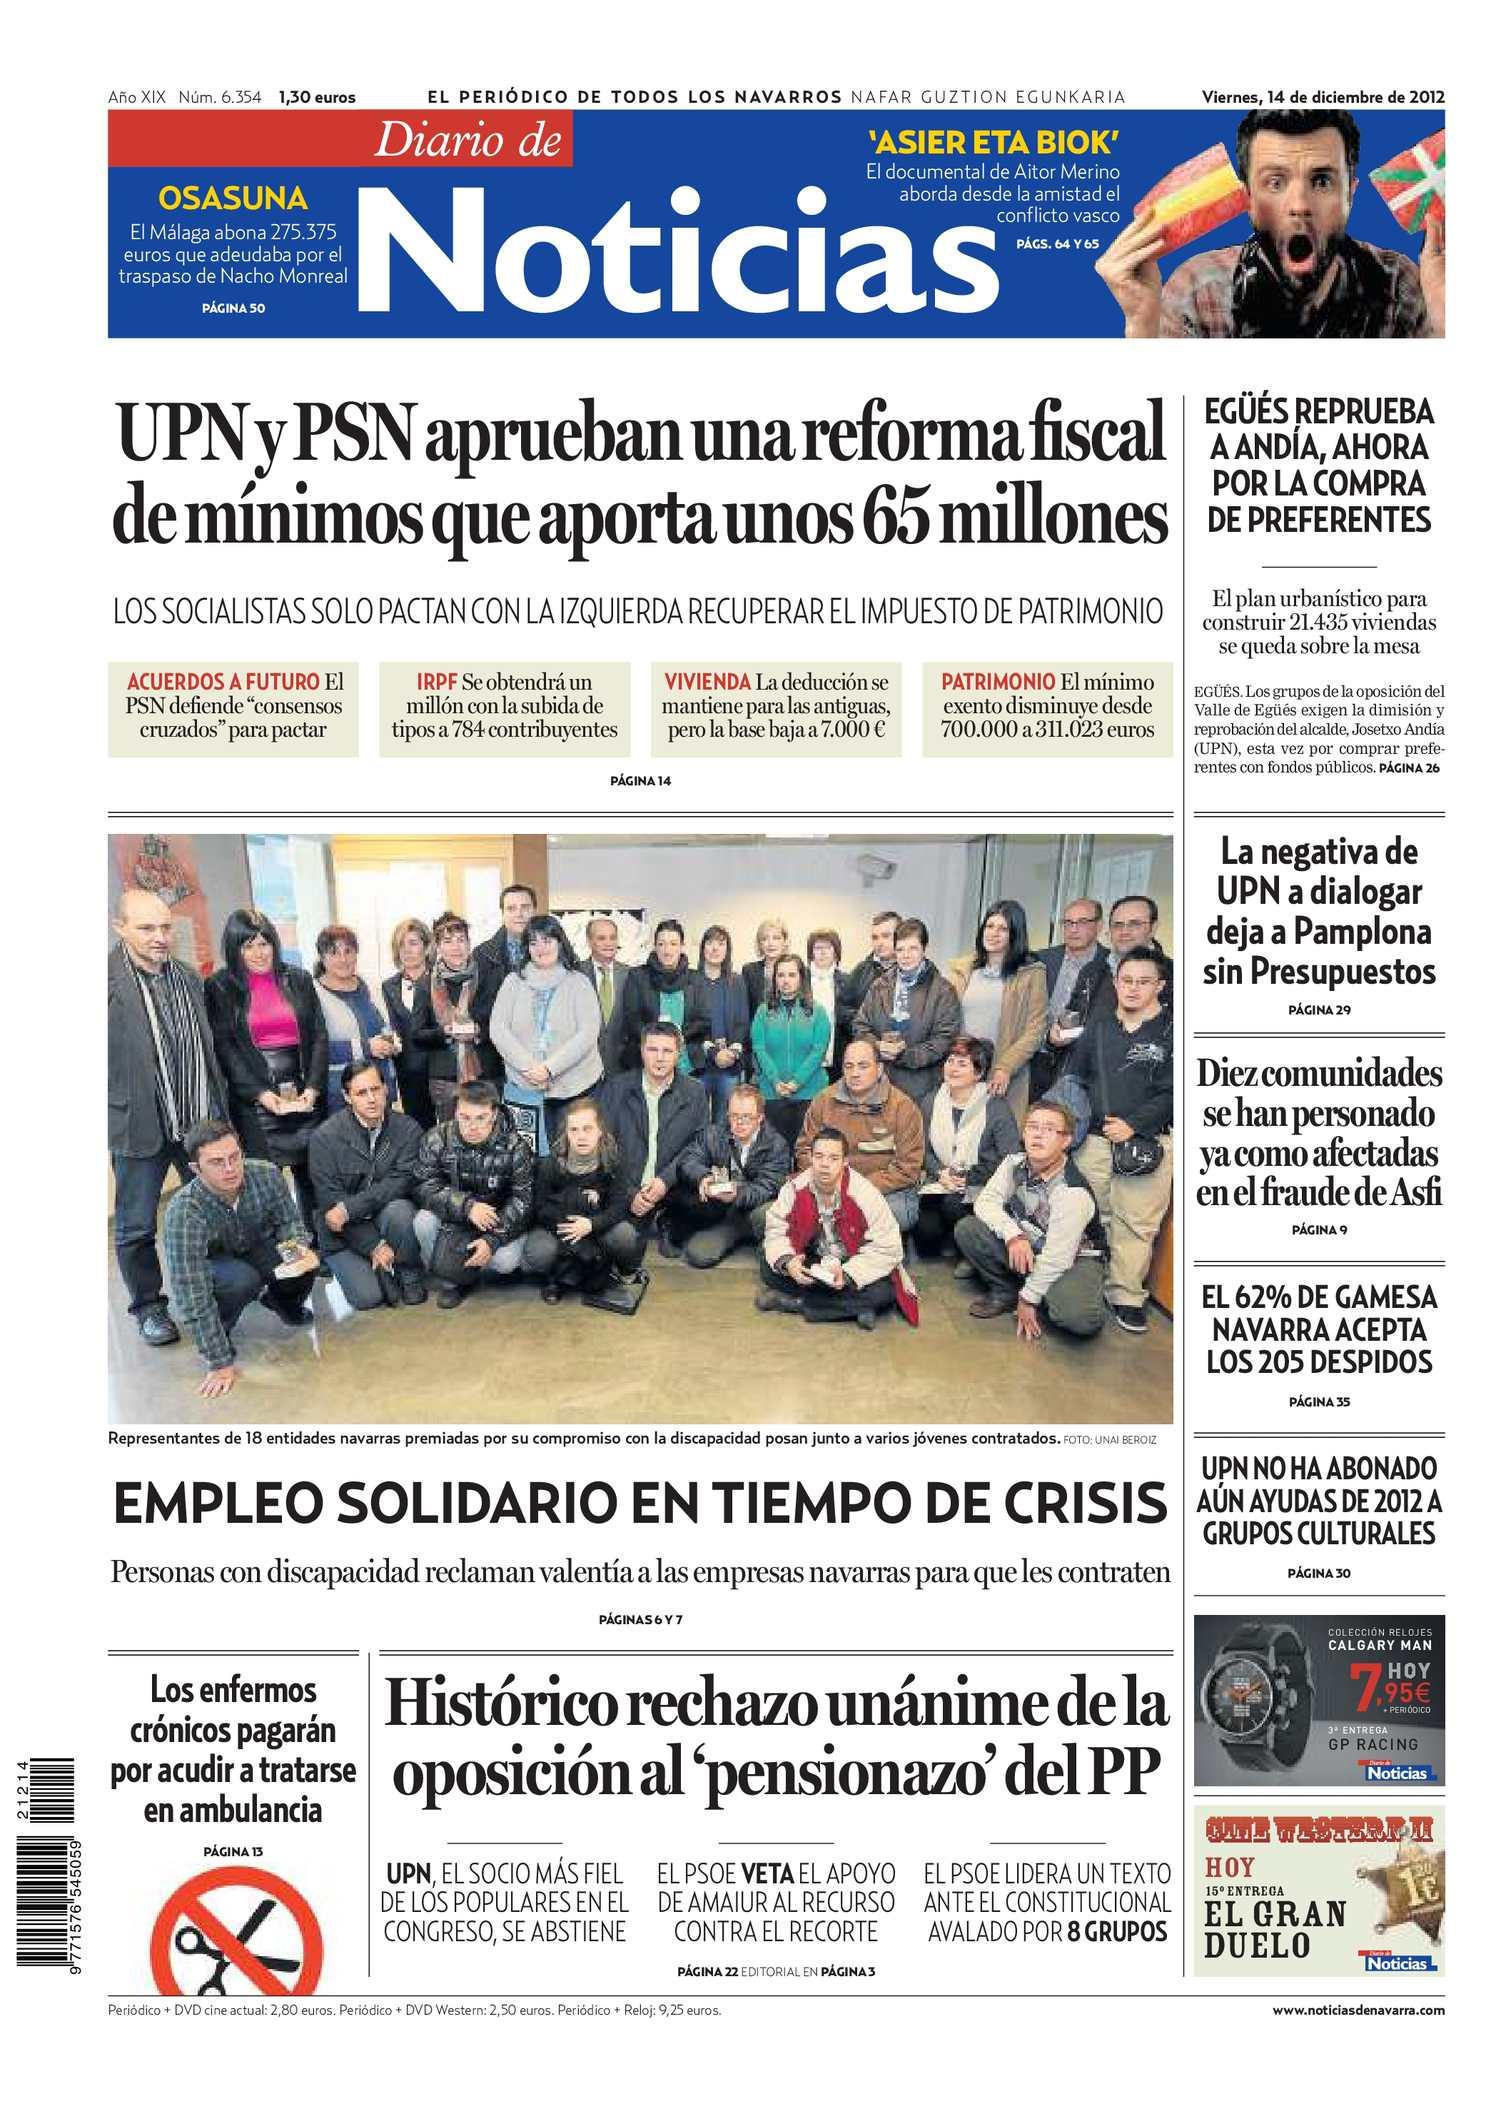 Calaméo - Diario de Noticias 20121214